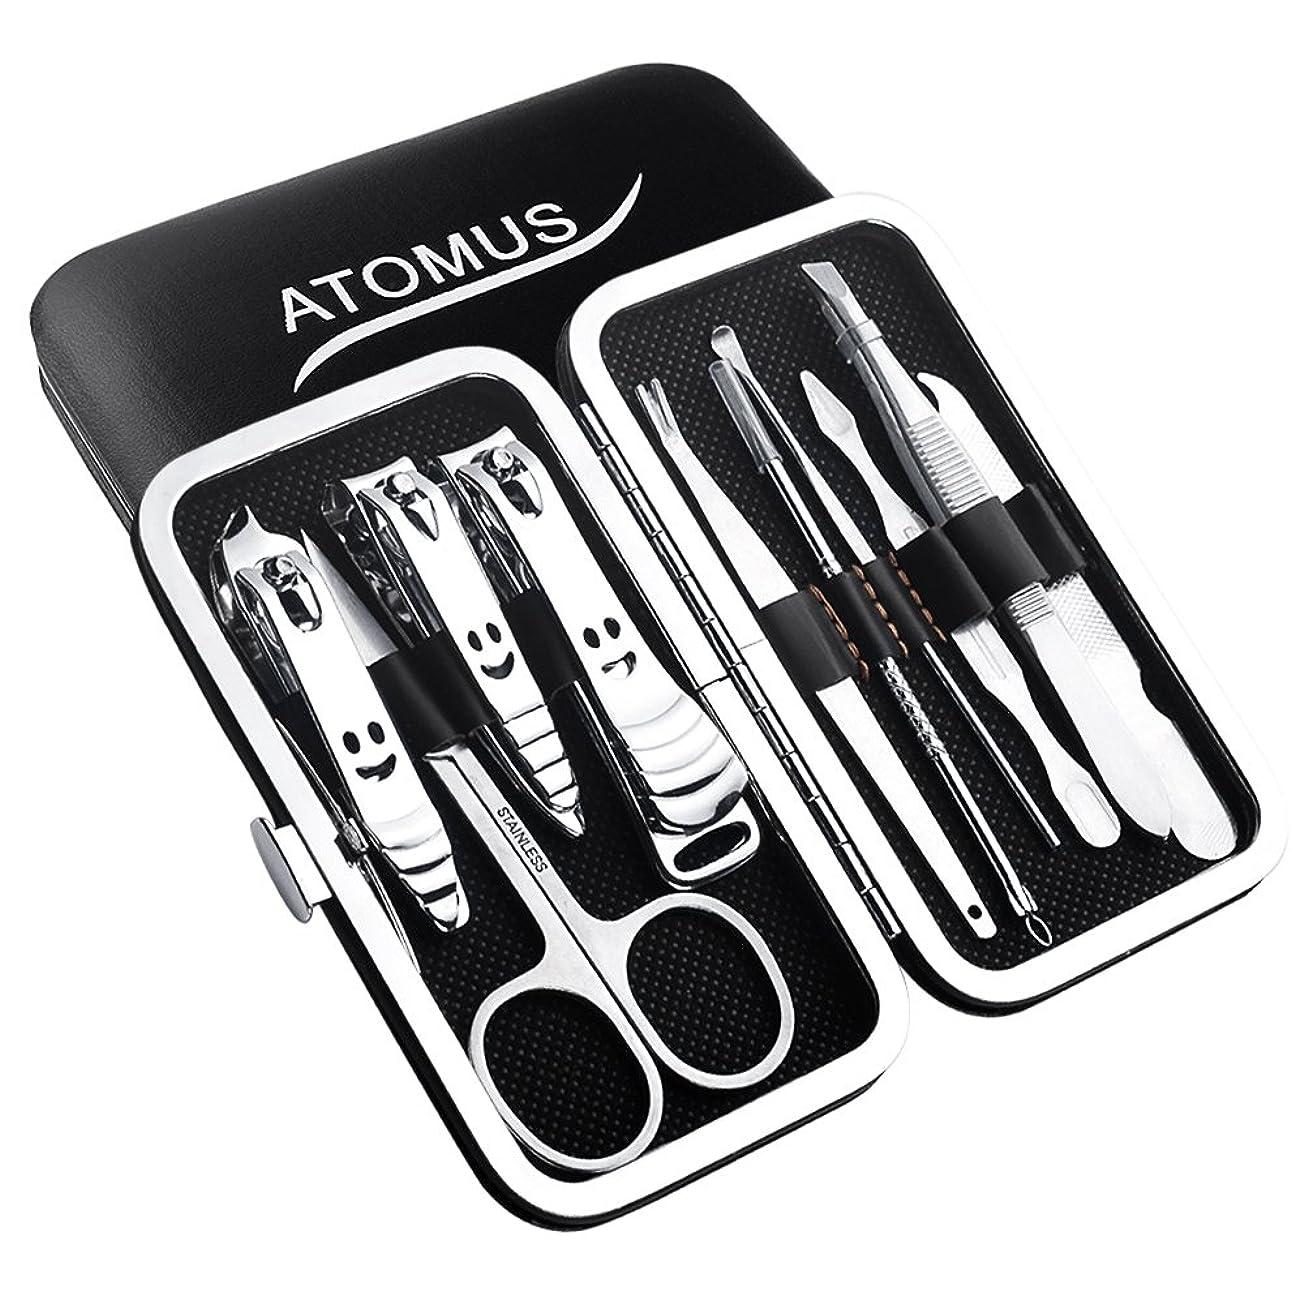 裏切るビザ脚ATOMUS ネイルケアセット マニキュア10点セット 爪やすり 爪切りセット 眉クリップ 携帯便利 収納ケース付き (黒色)